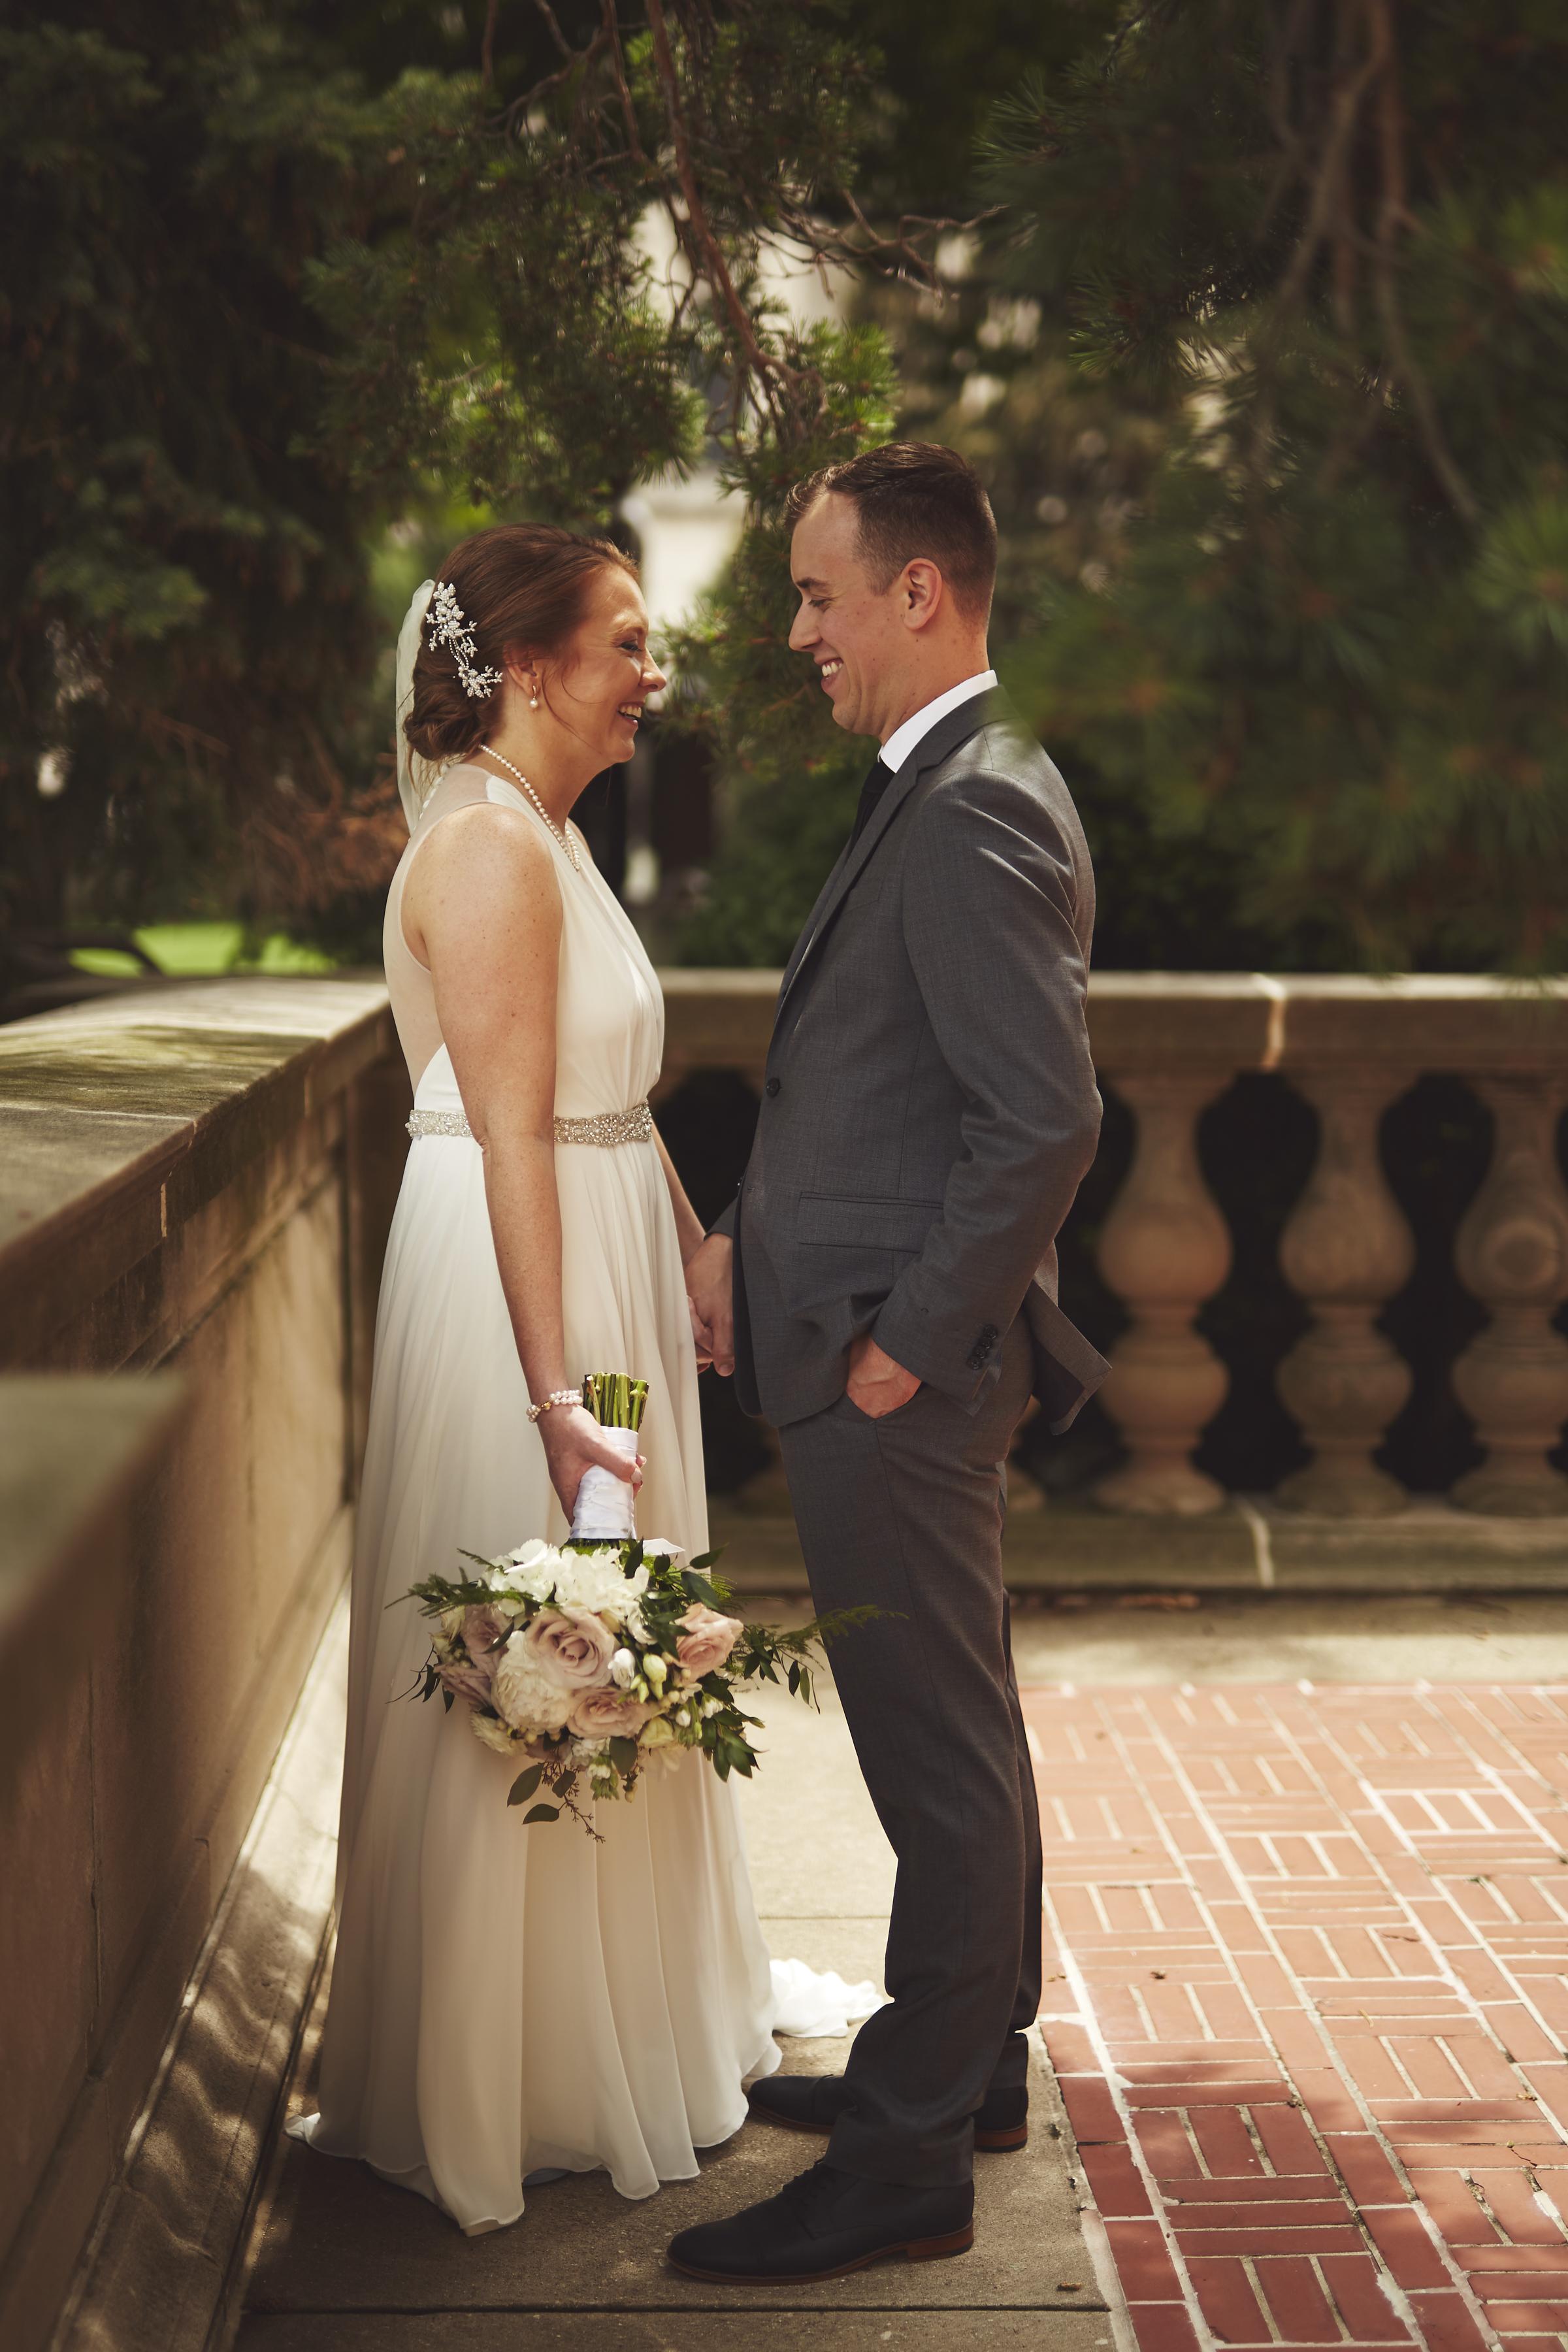 Kathleen & Troy - Ben Romang Photo - 6I5A7938.jpg